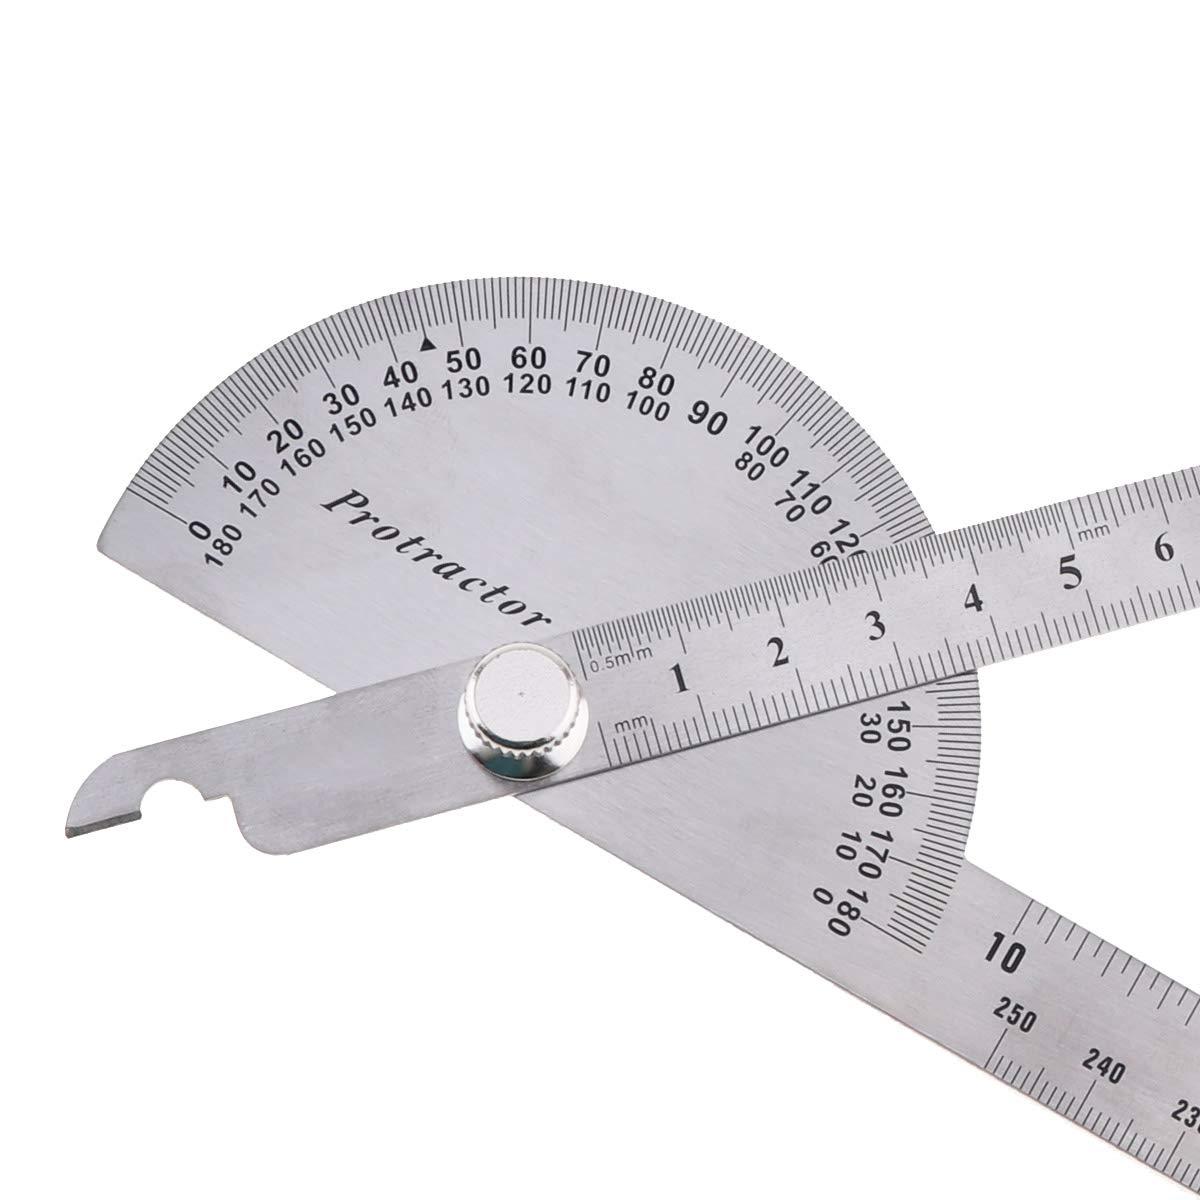 Winkelmesser 0-180 Grad Lineal Winkelmesser mit beiden Armen Handwerker Winkelfinder OriGlam Winkelmesser aus Edelstahl